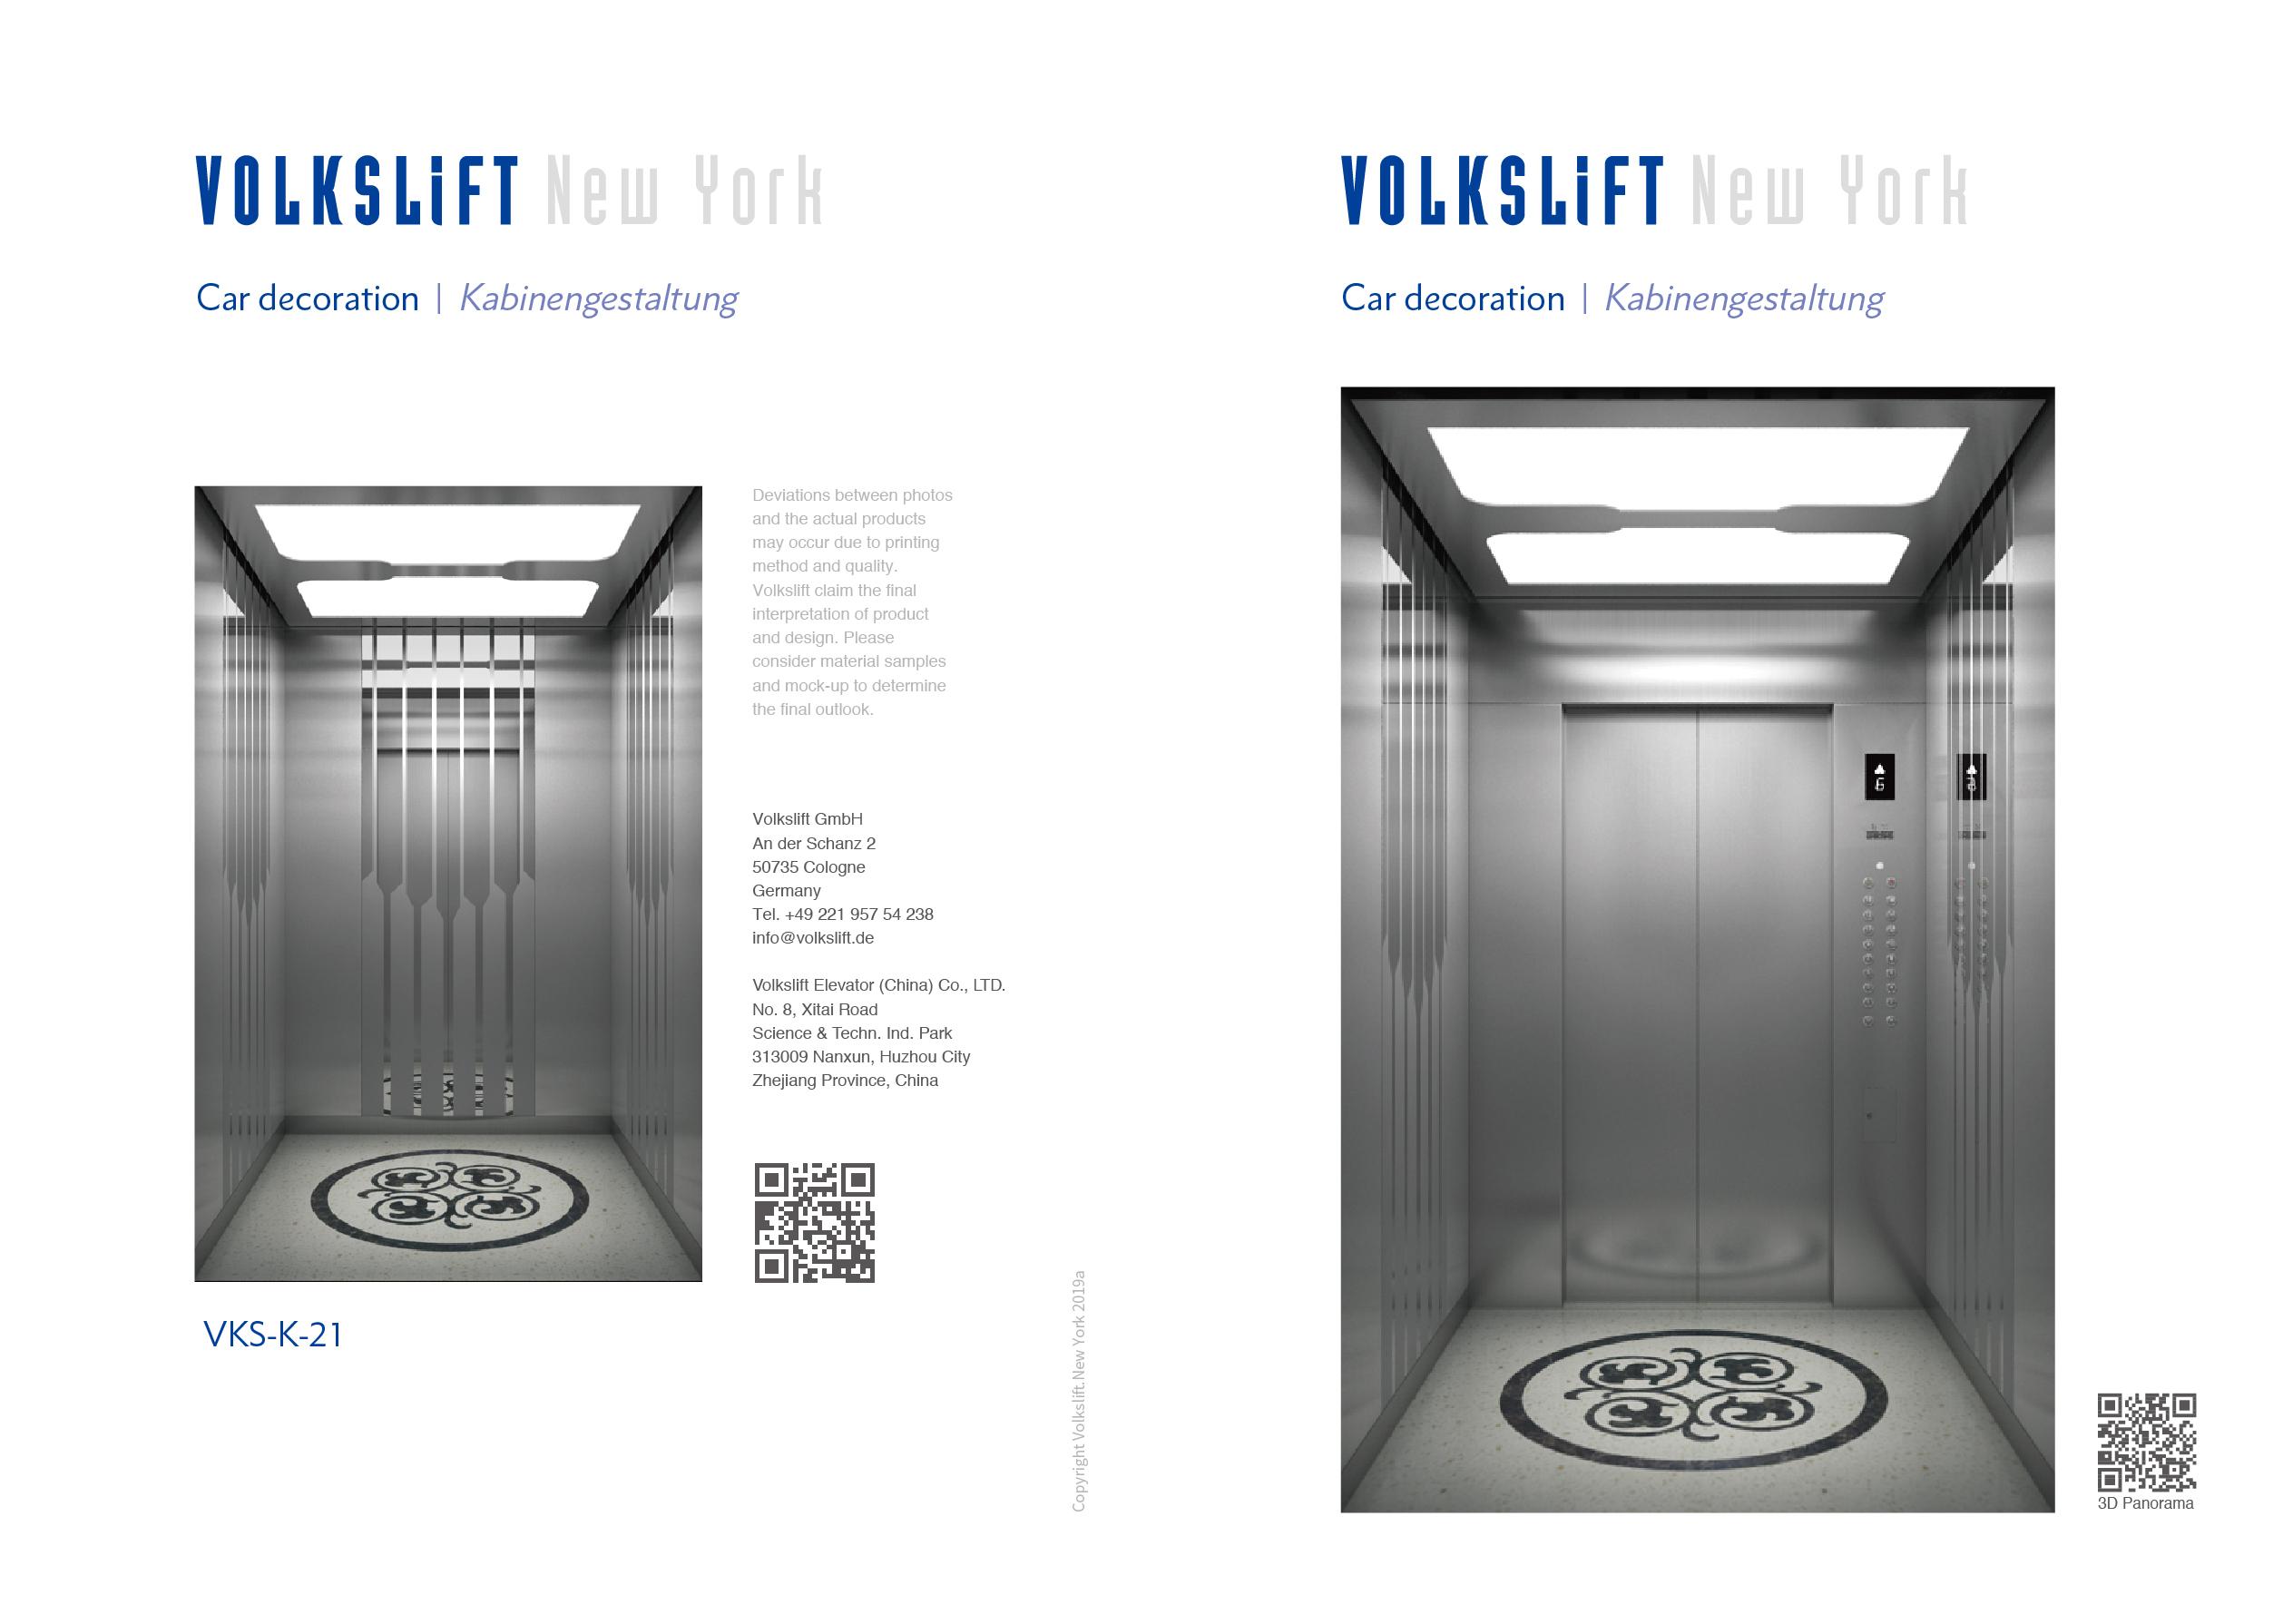 New York Elevator Design - Oryx Elevator